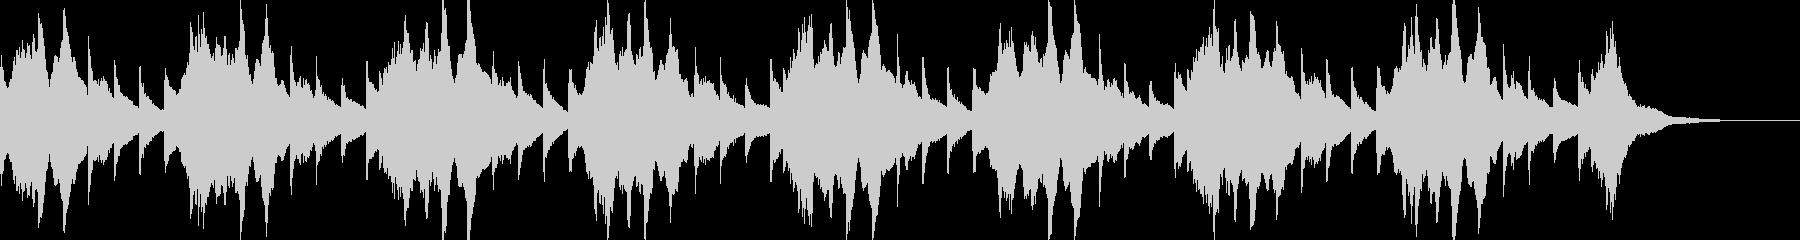 幻想的なクリスタルサウンドBGMの未再生の波形